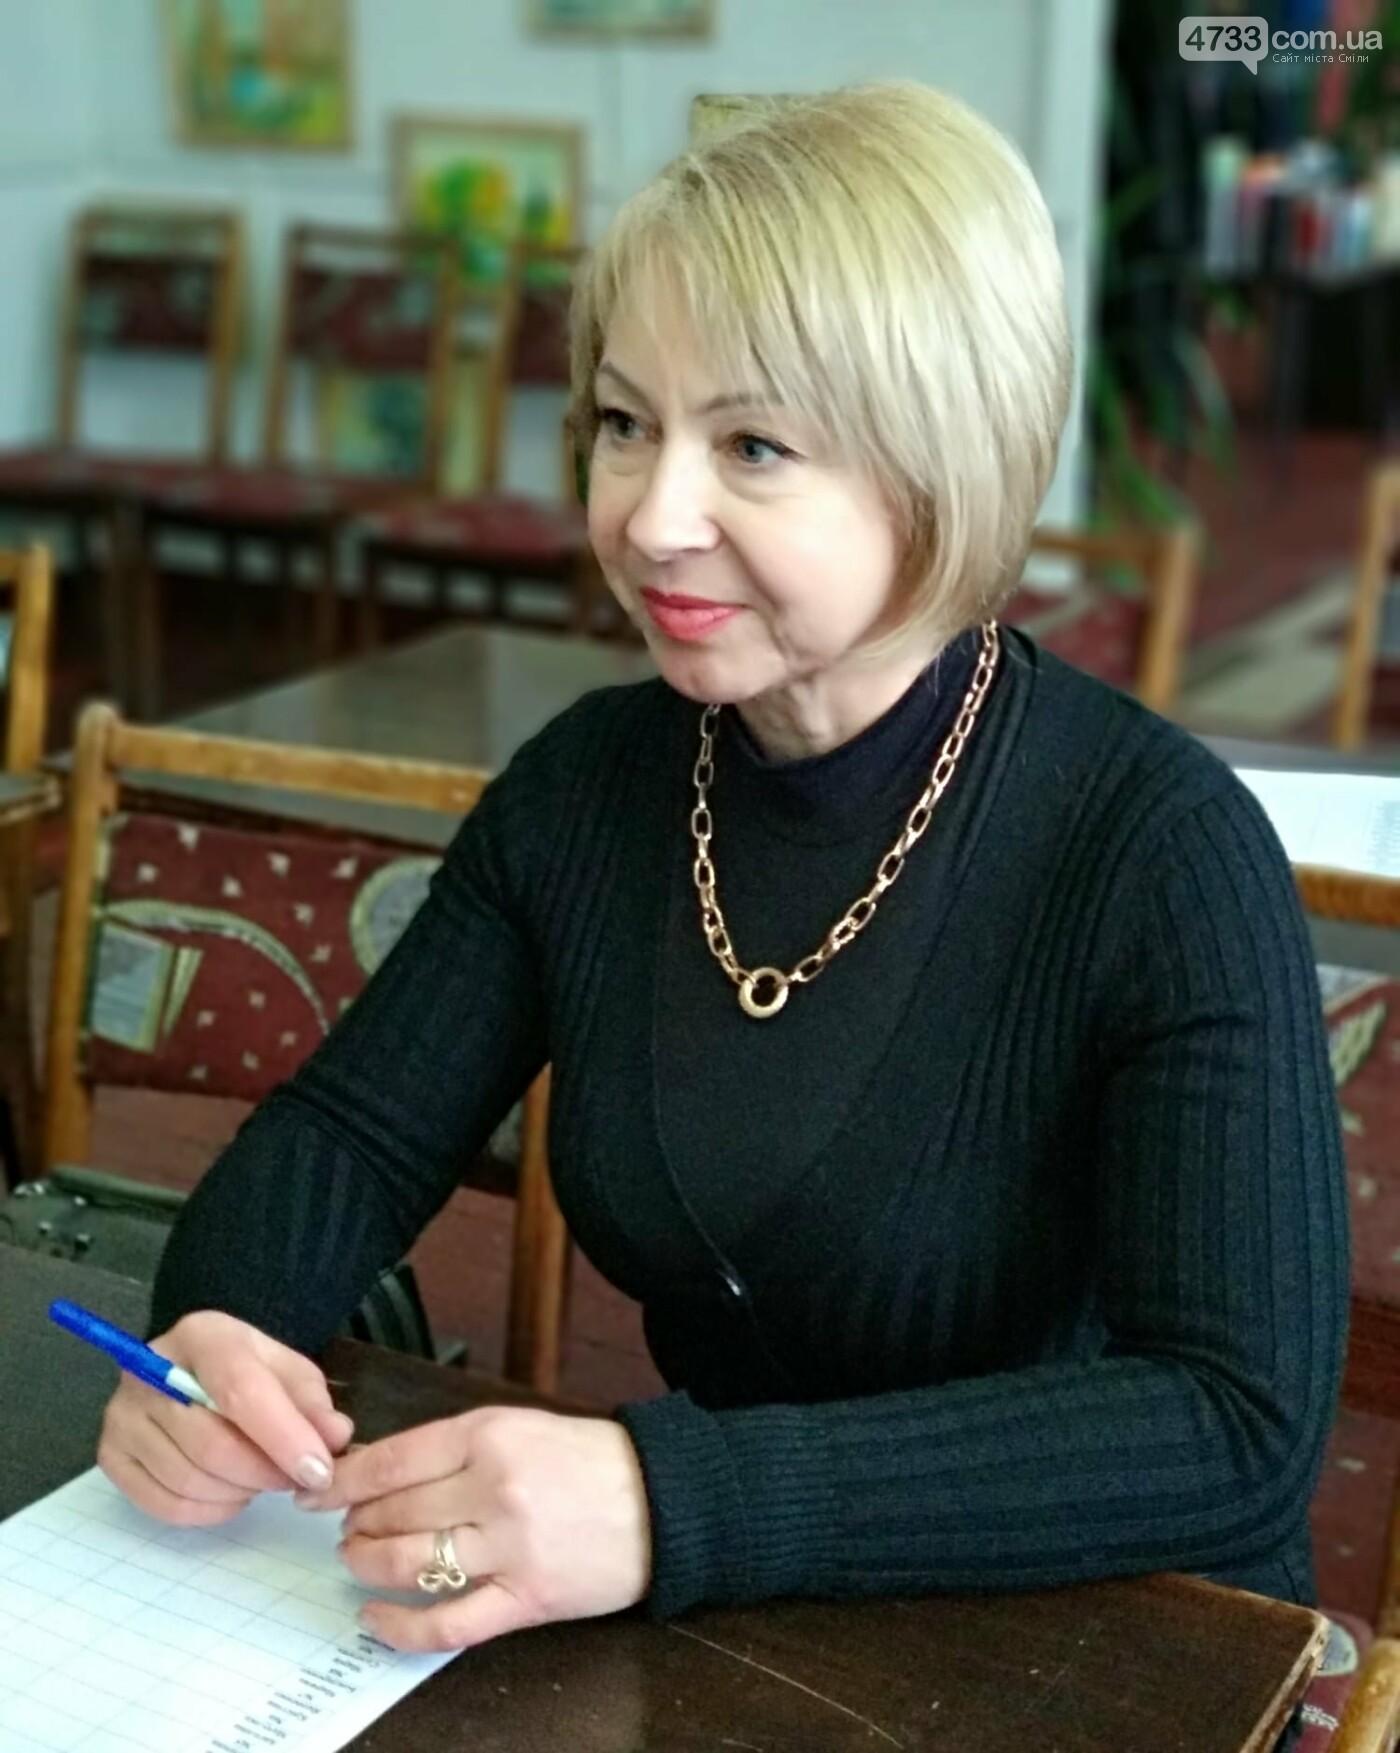 У Смілянській бібліотеці визначили переможців у конкурсі «Натхненний книгою», фото-1, Центральна бібліотека